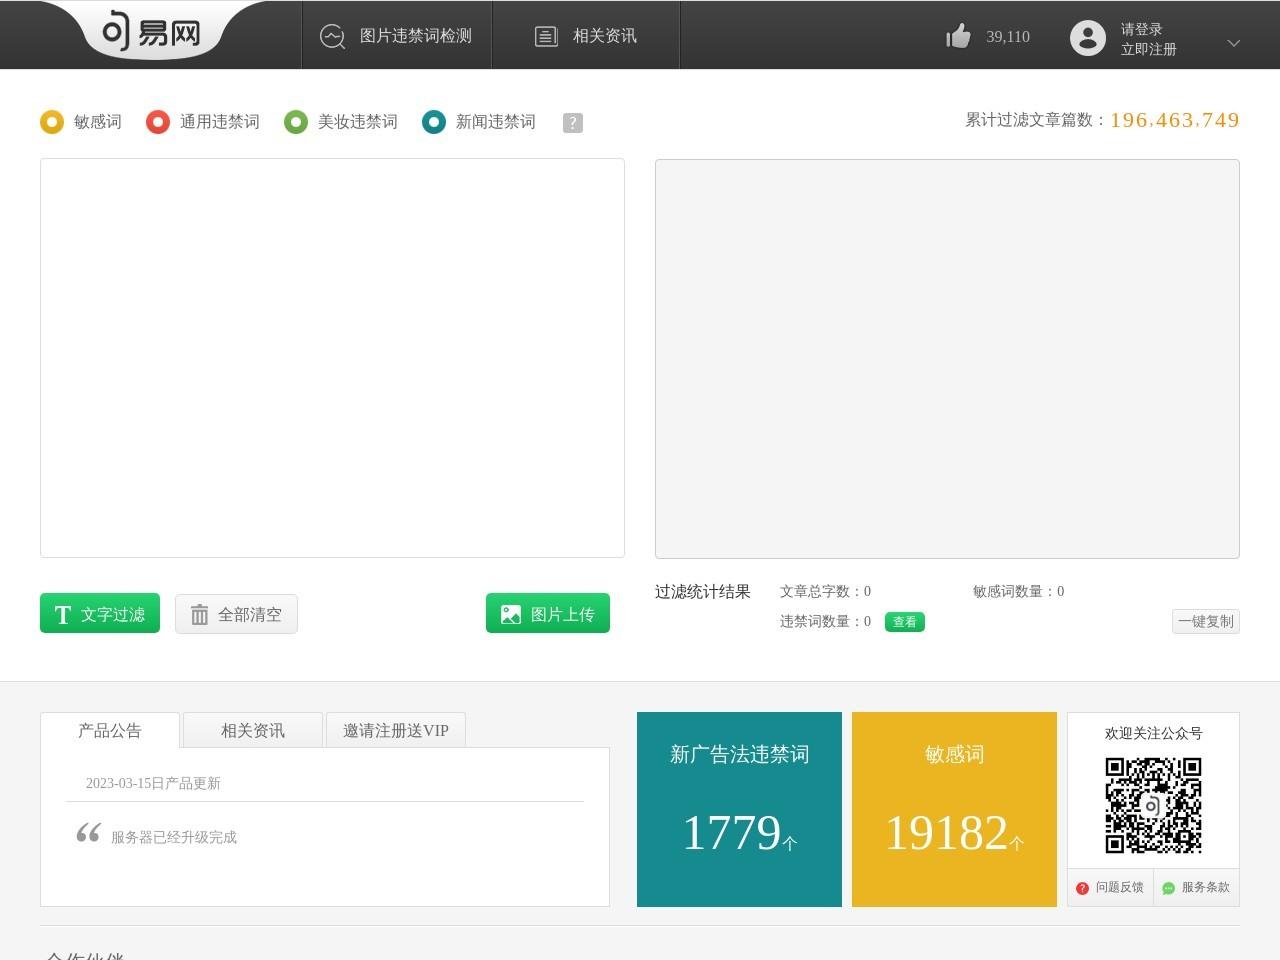 句易网_淘宝违禁词敏感词在线查询检测工具